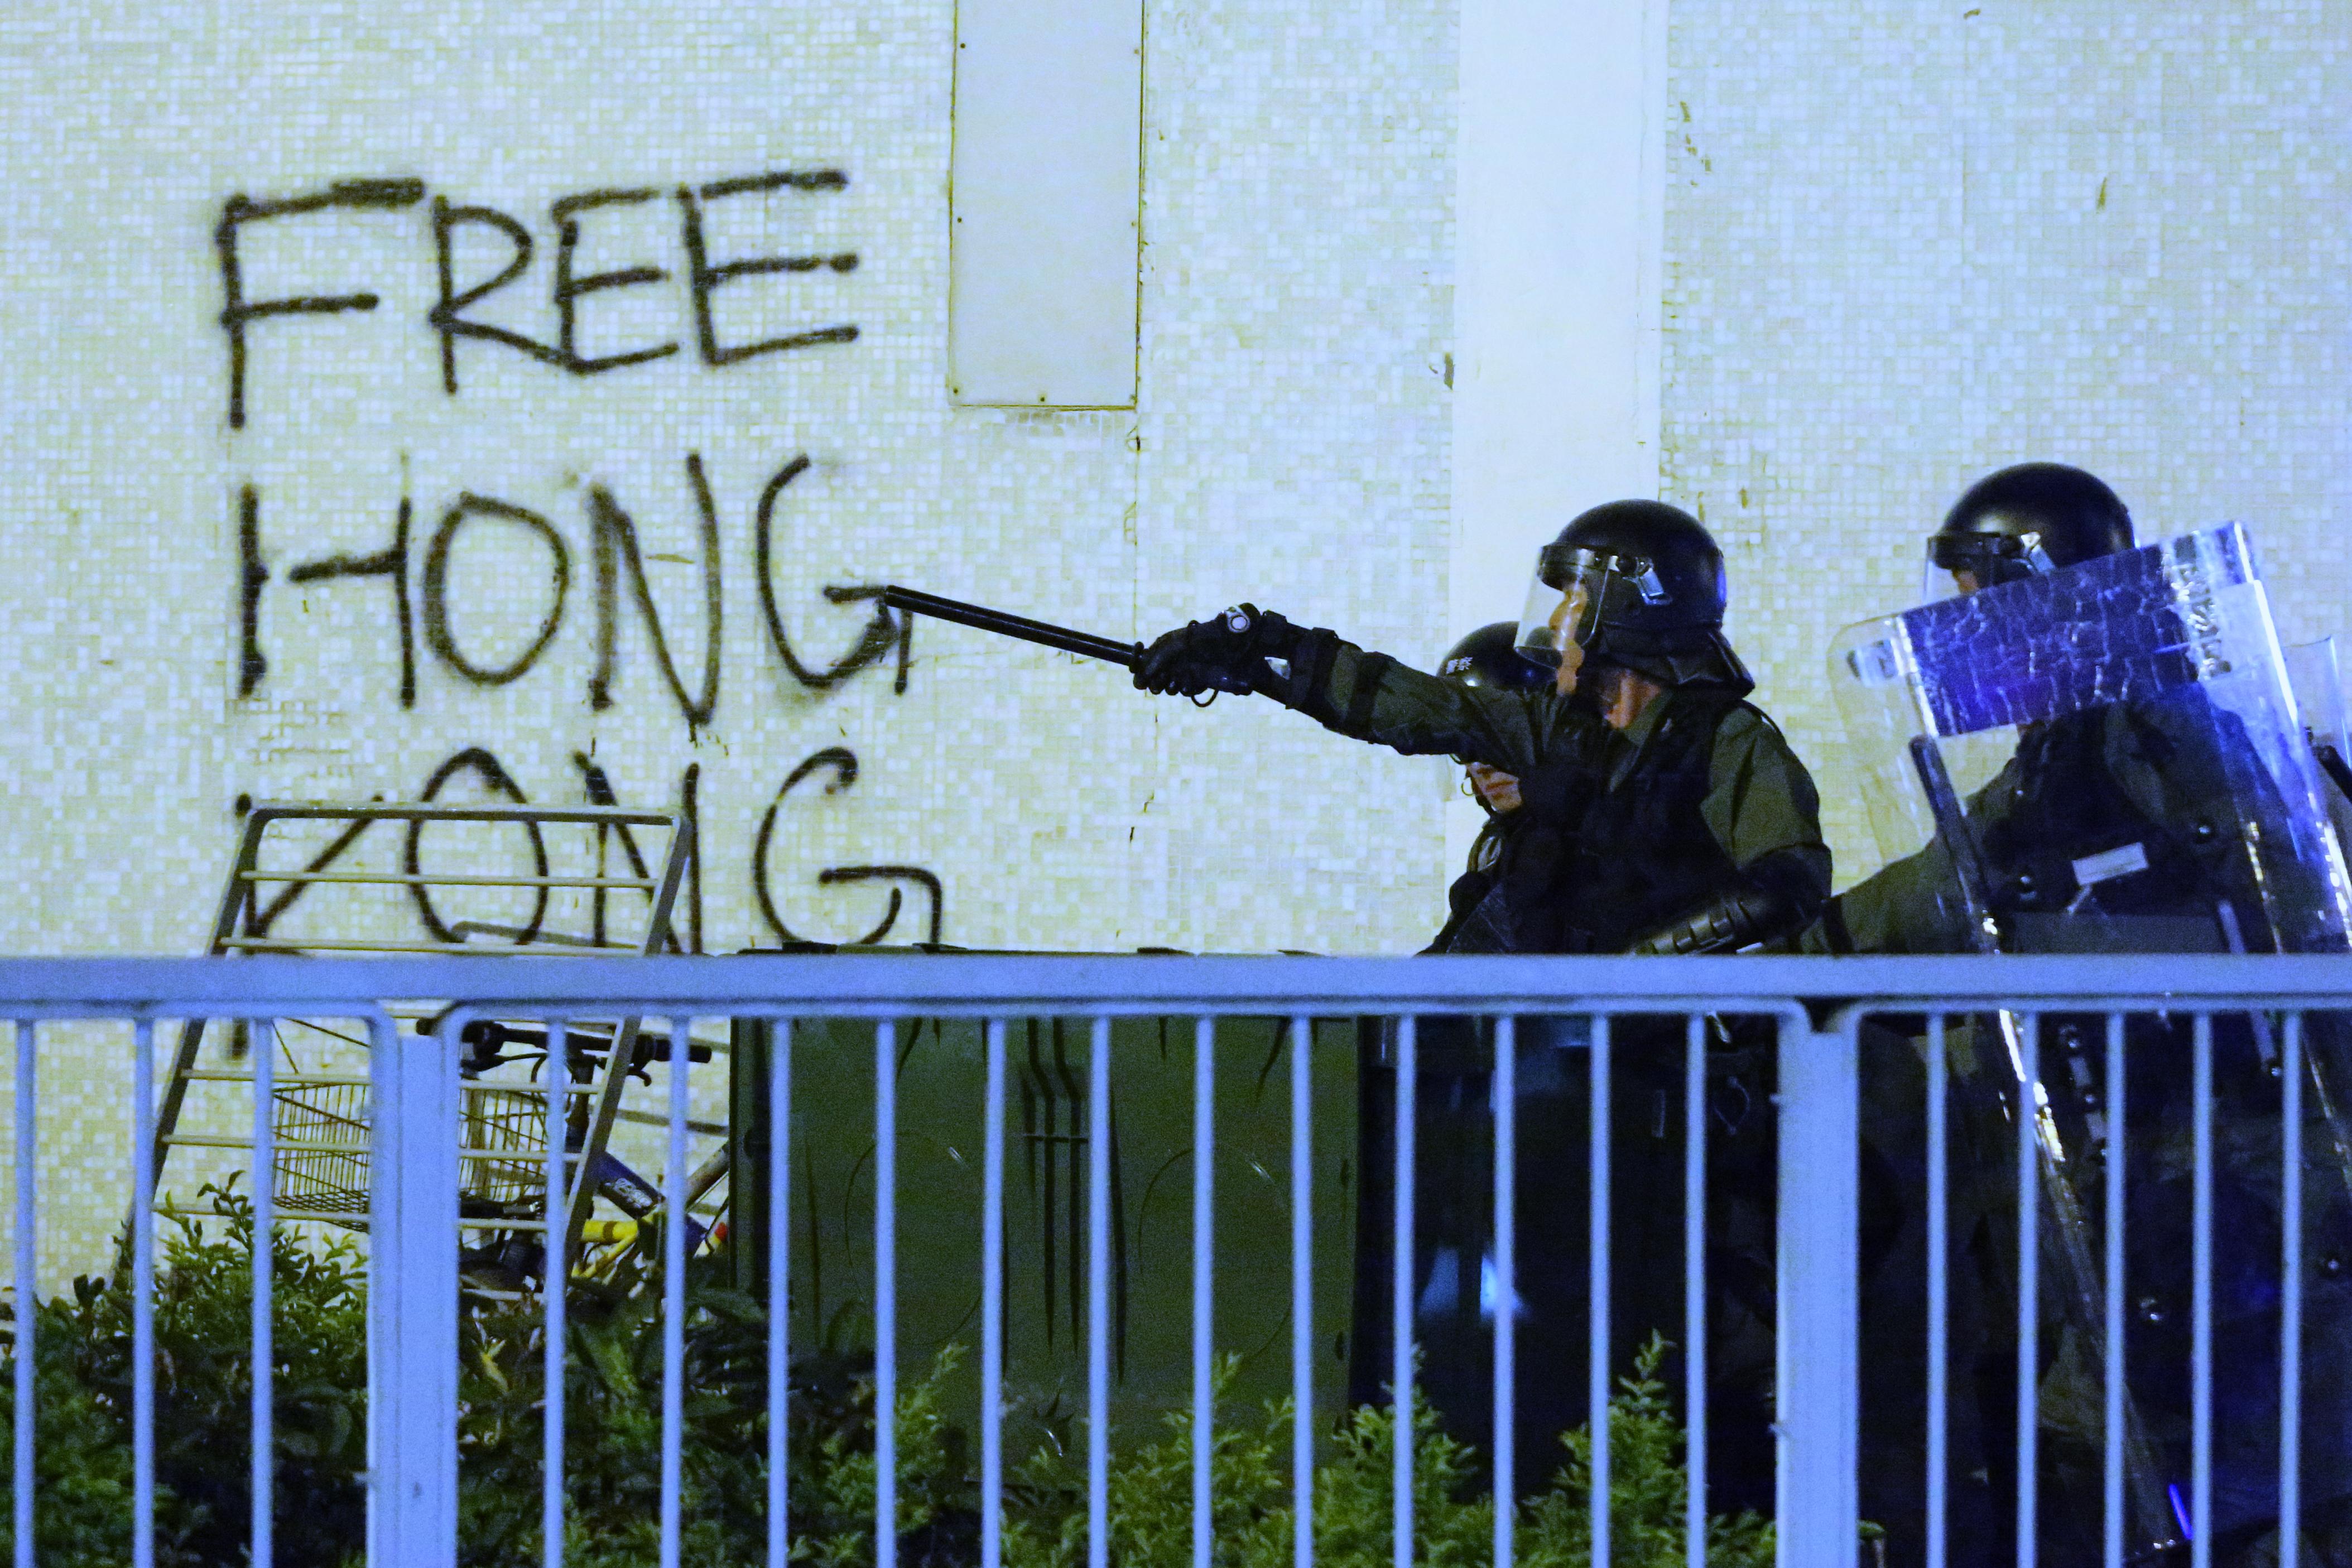 A rendőrök megint összecsaptak a tüntetőkkel Hongkongban